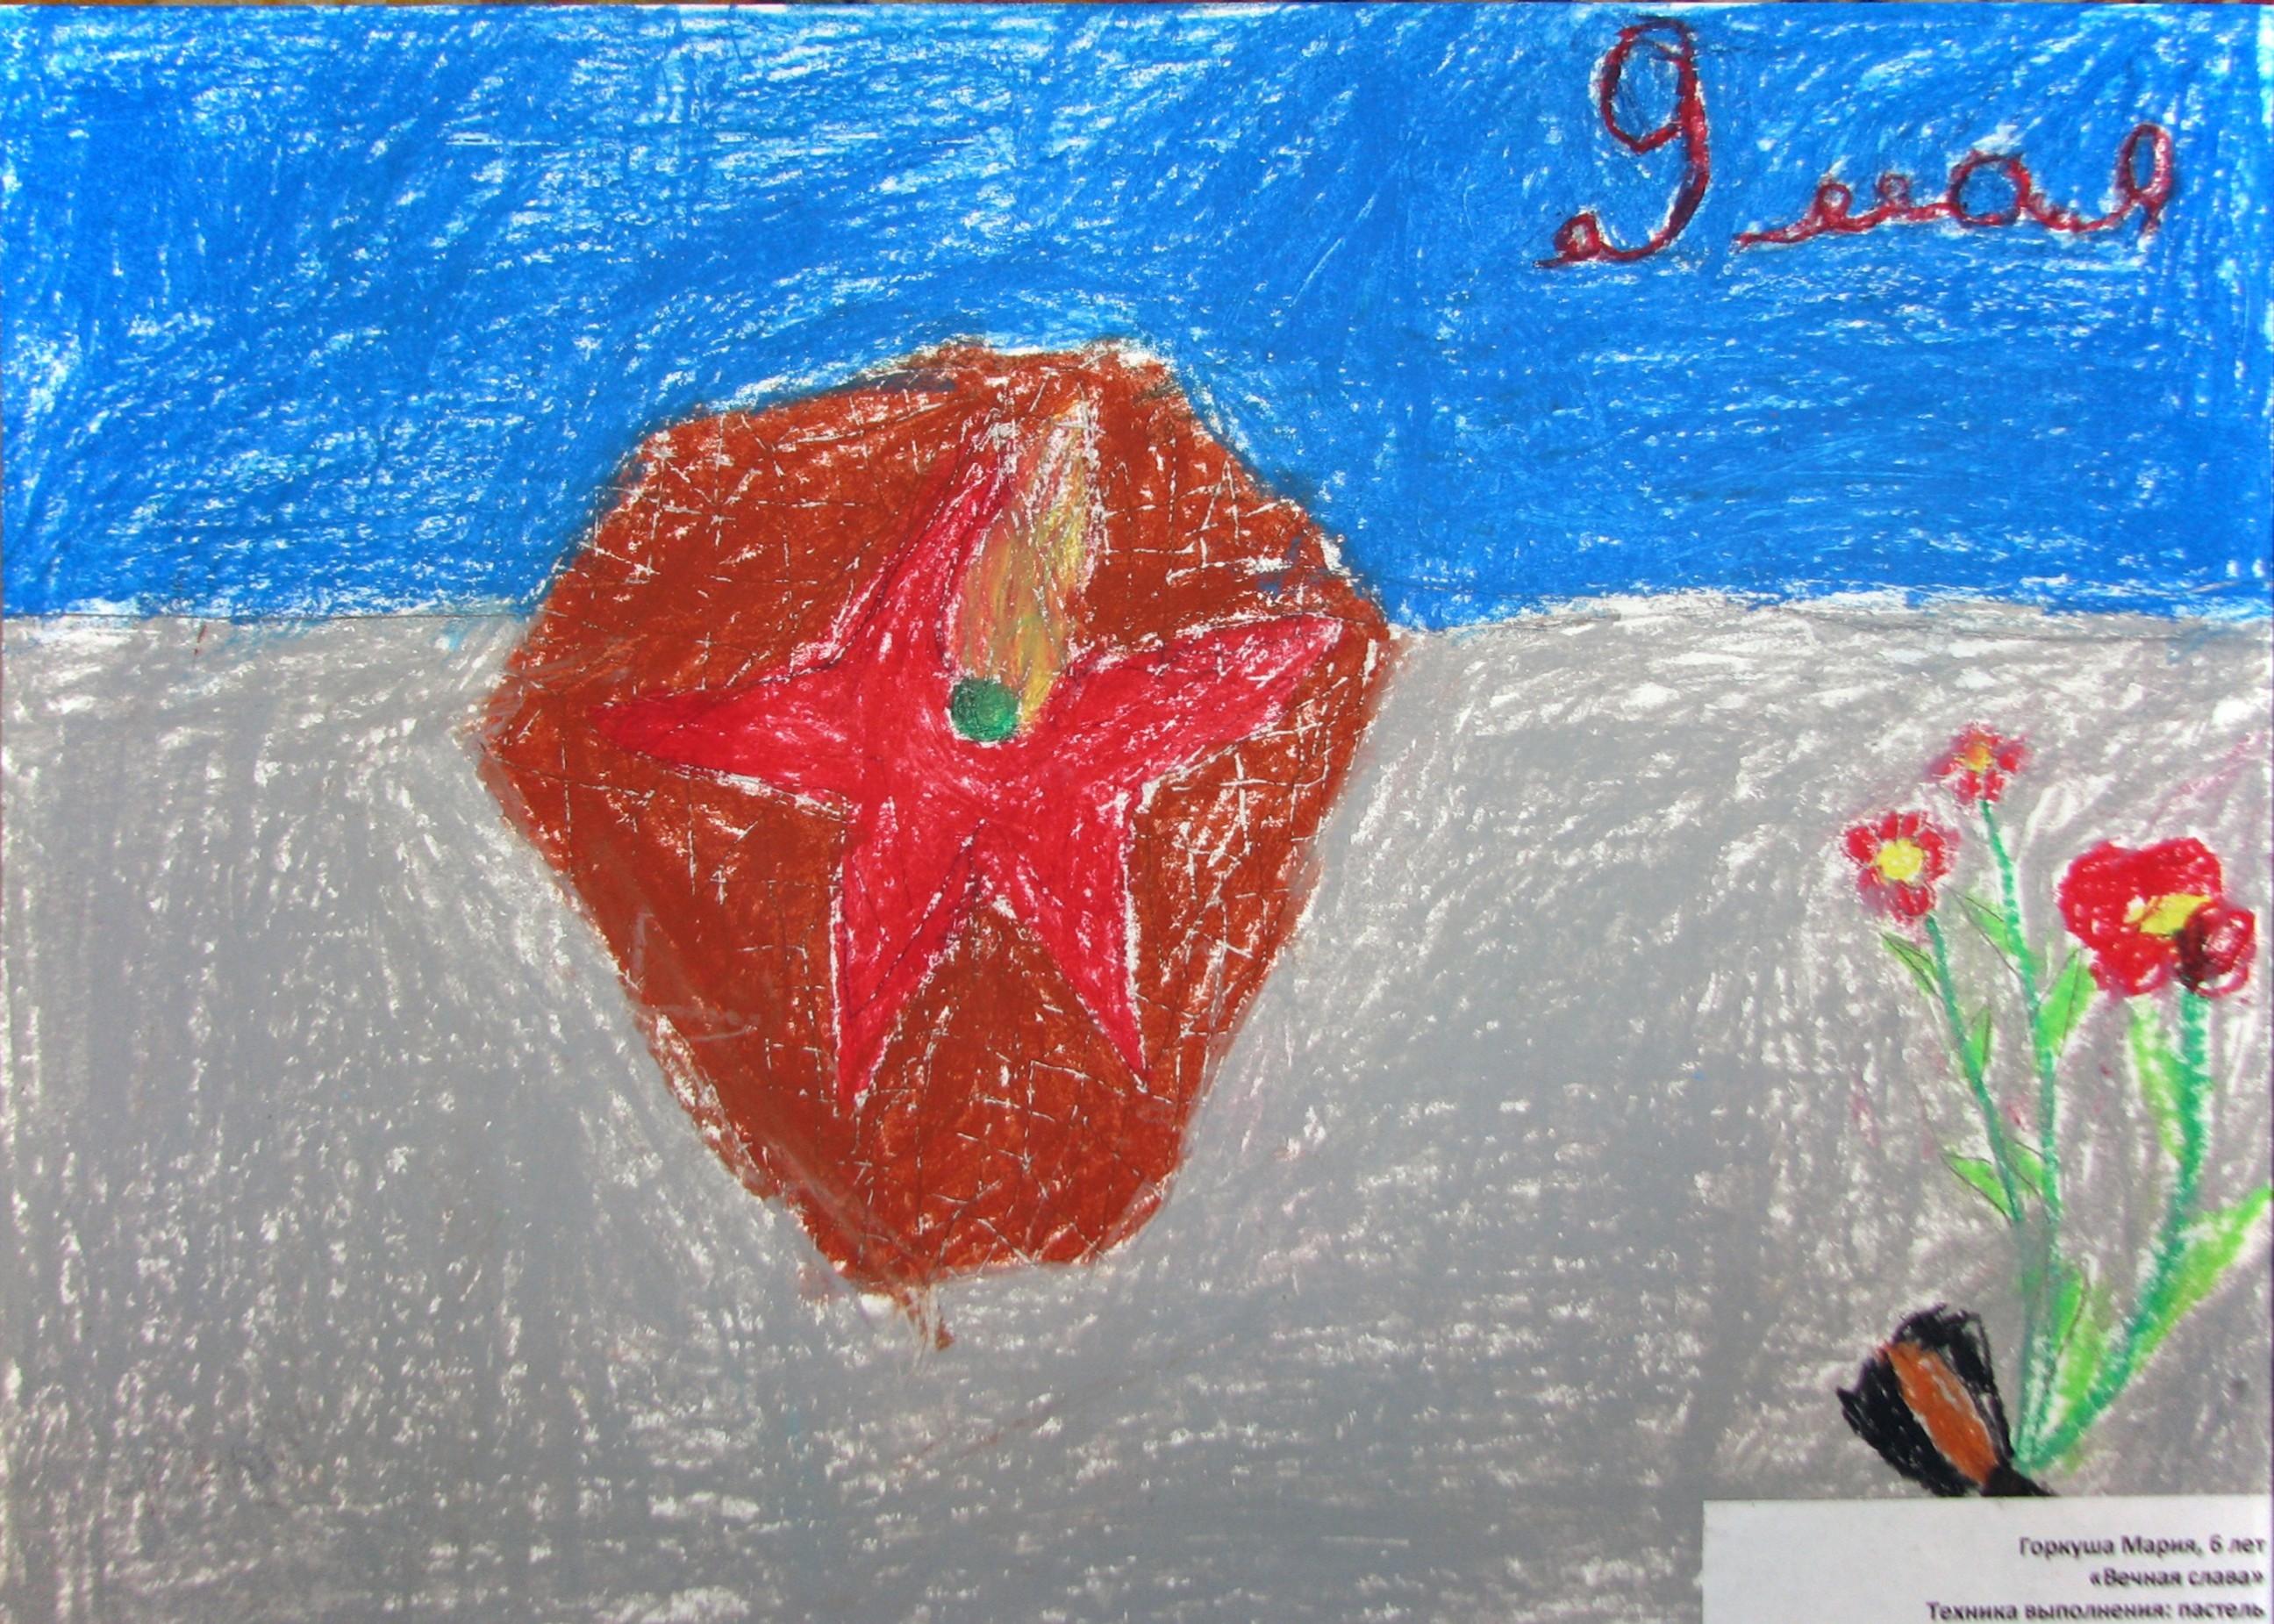 Горкуша Мария, 6 лет